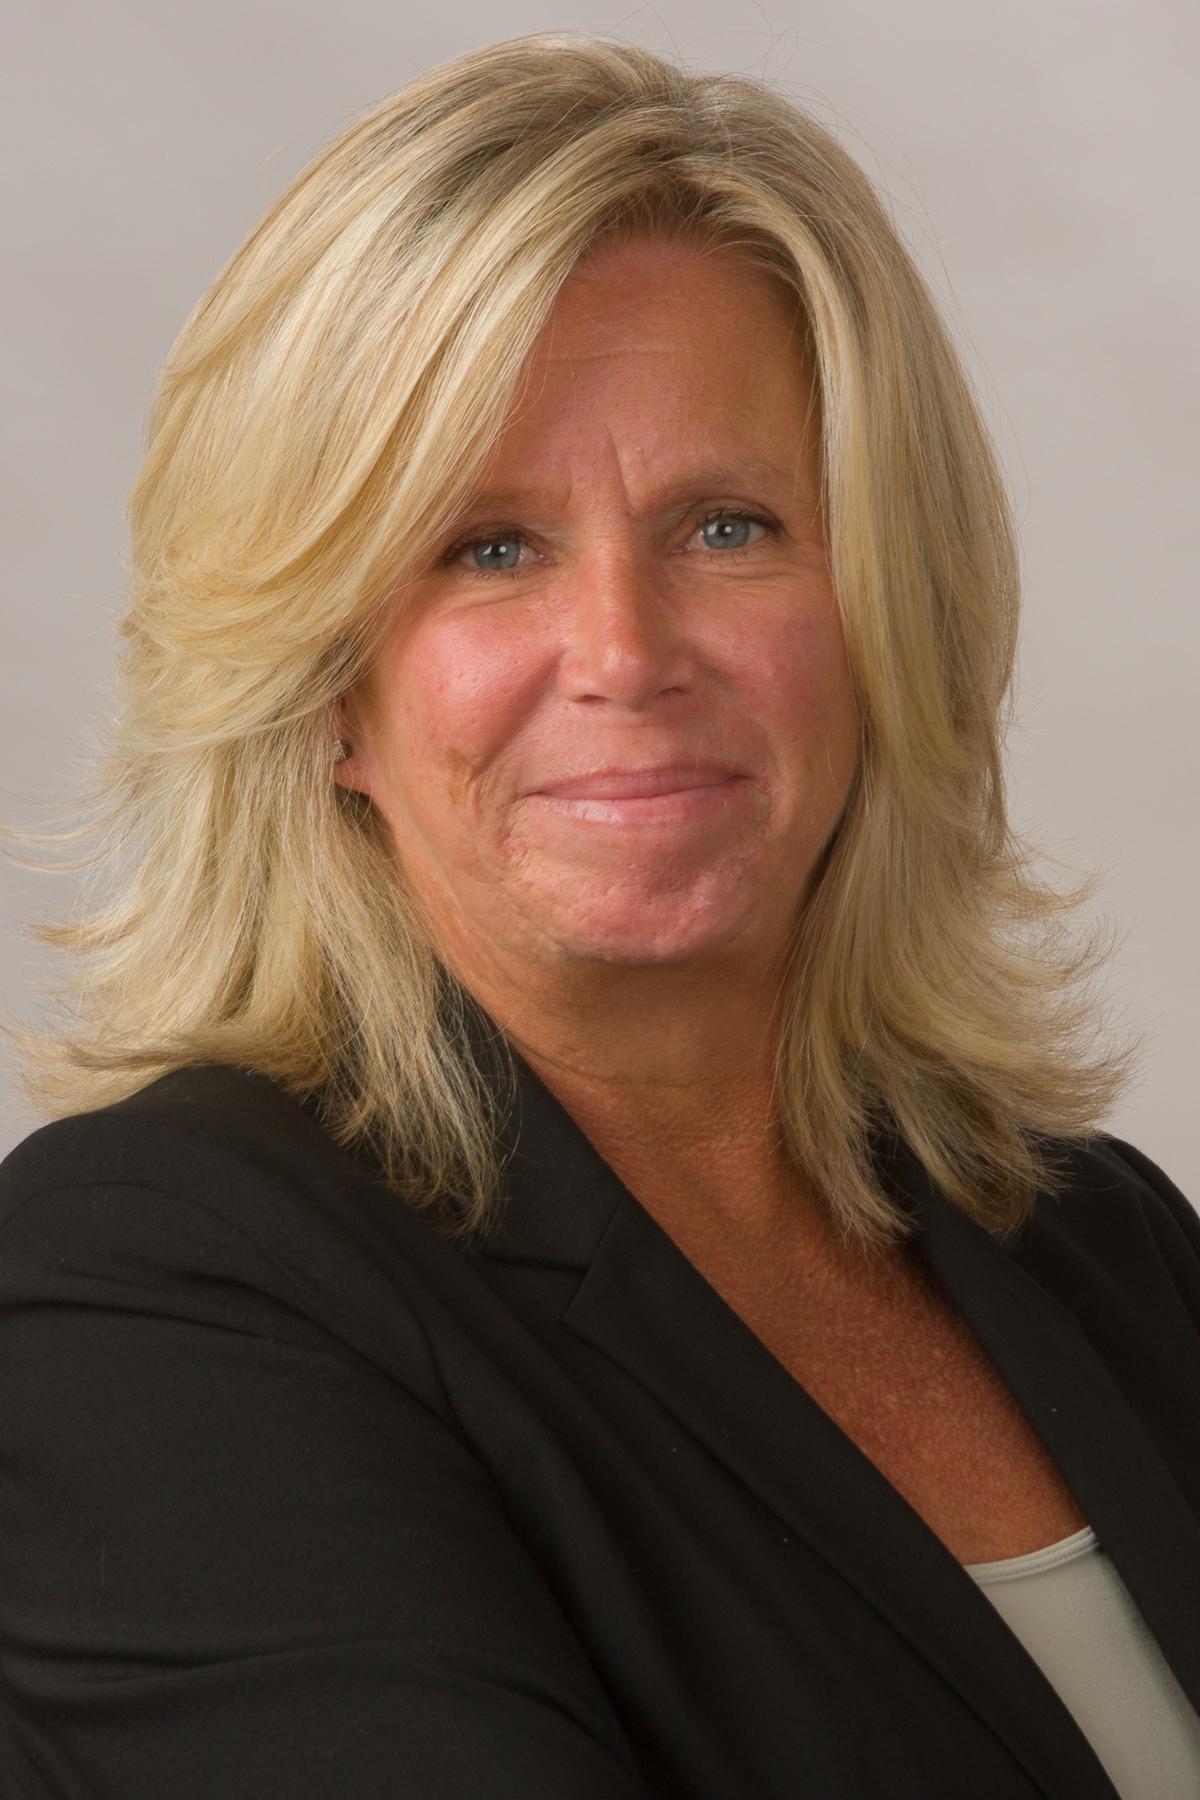 Ellen Curtin-Becker